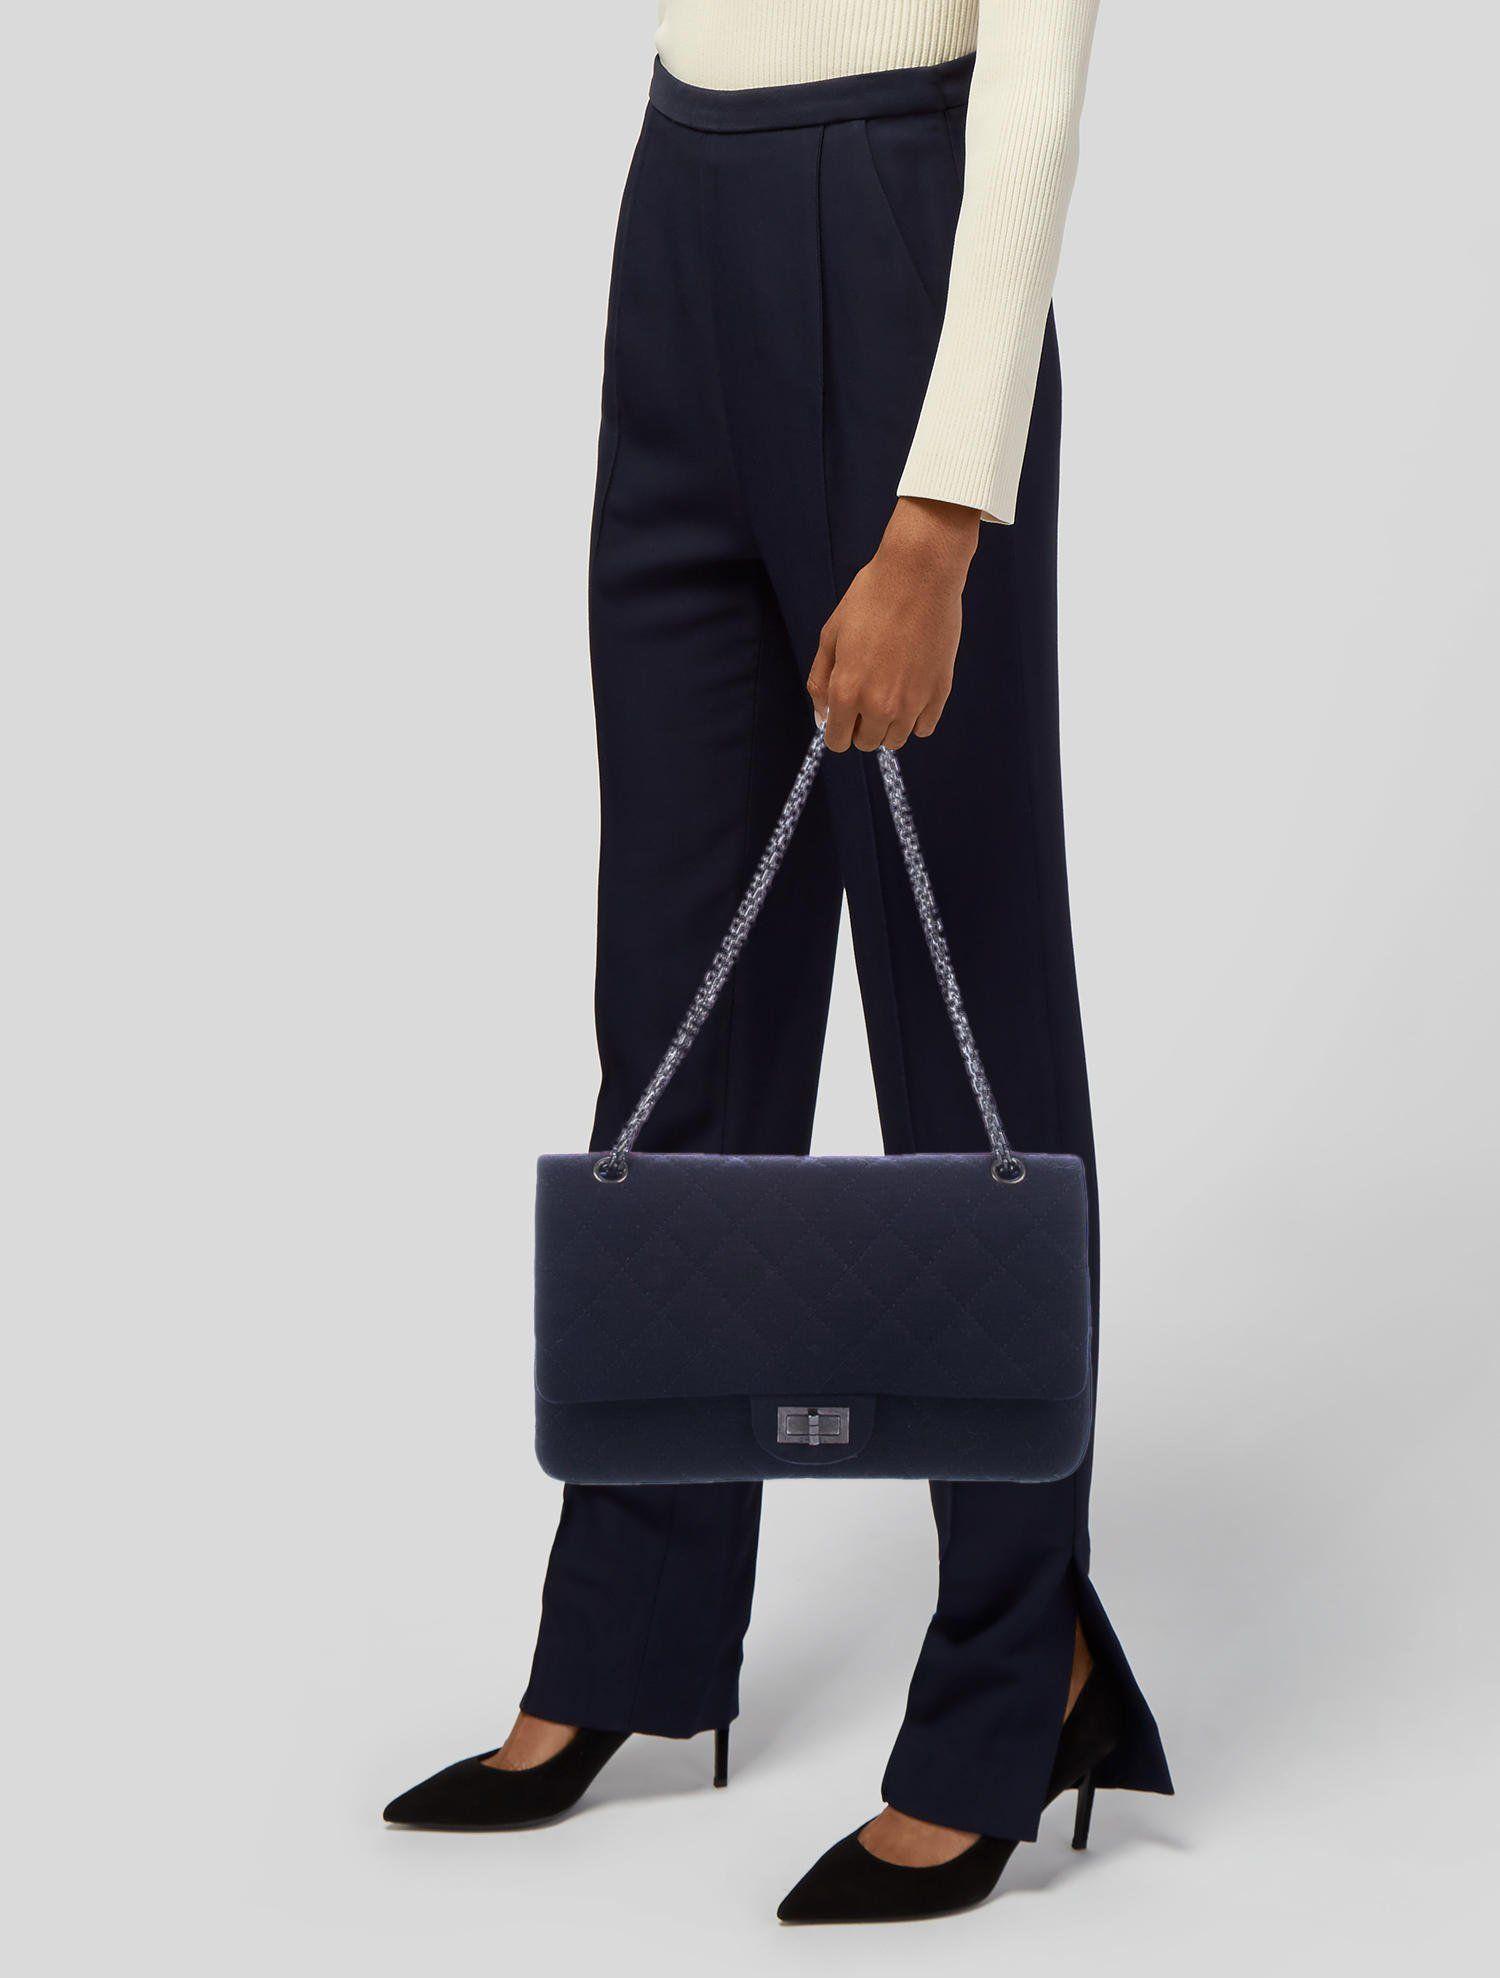 aa9c8de9034537 Jersey Reissue 227 Double Flap Bag in 2019 | Styles Inspiration Boho ...